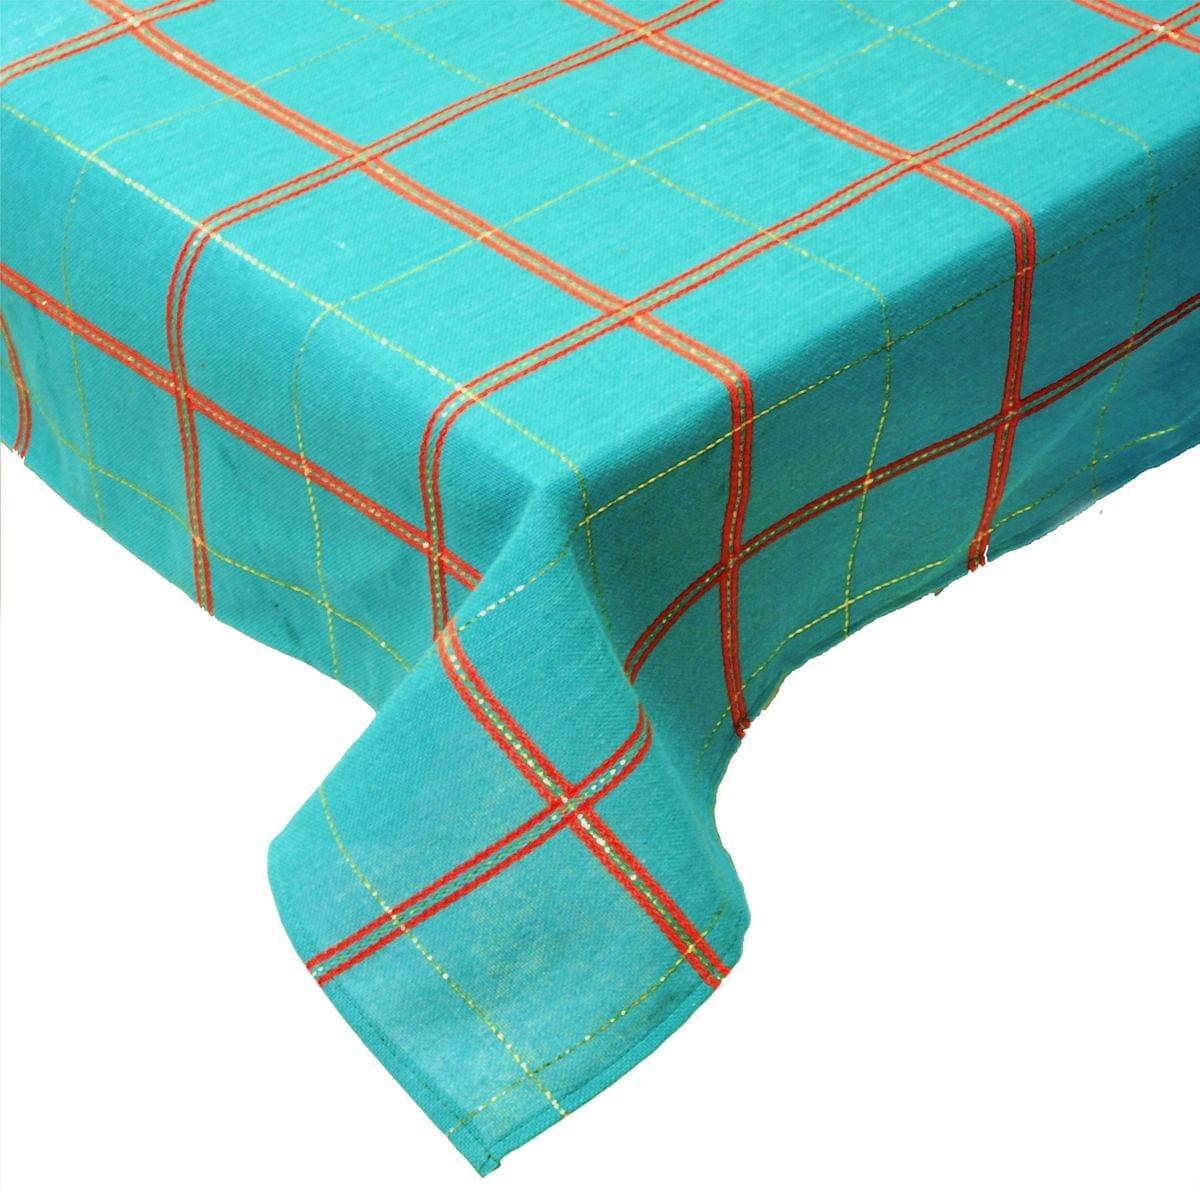 Forbyt, Ubrus bavlněný, Zelený, 120 x 140 cm